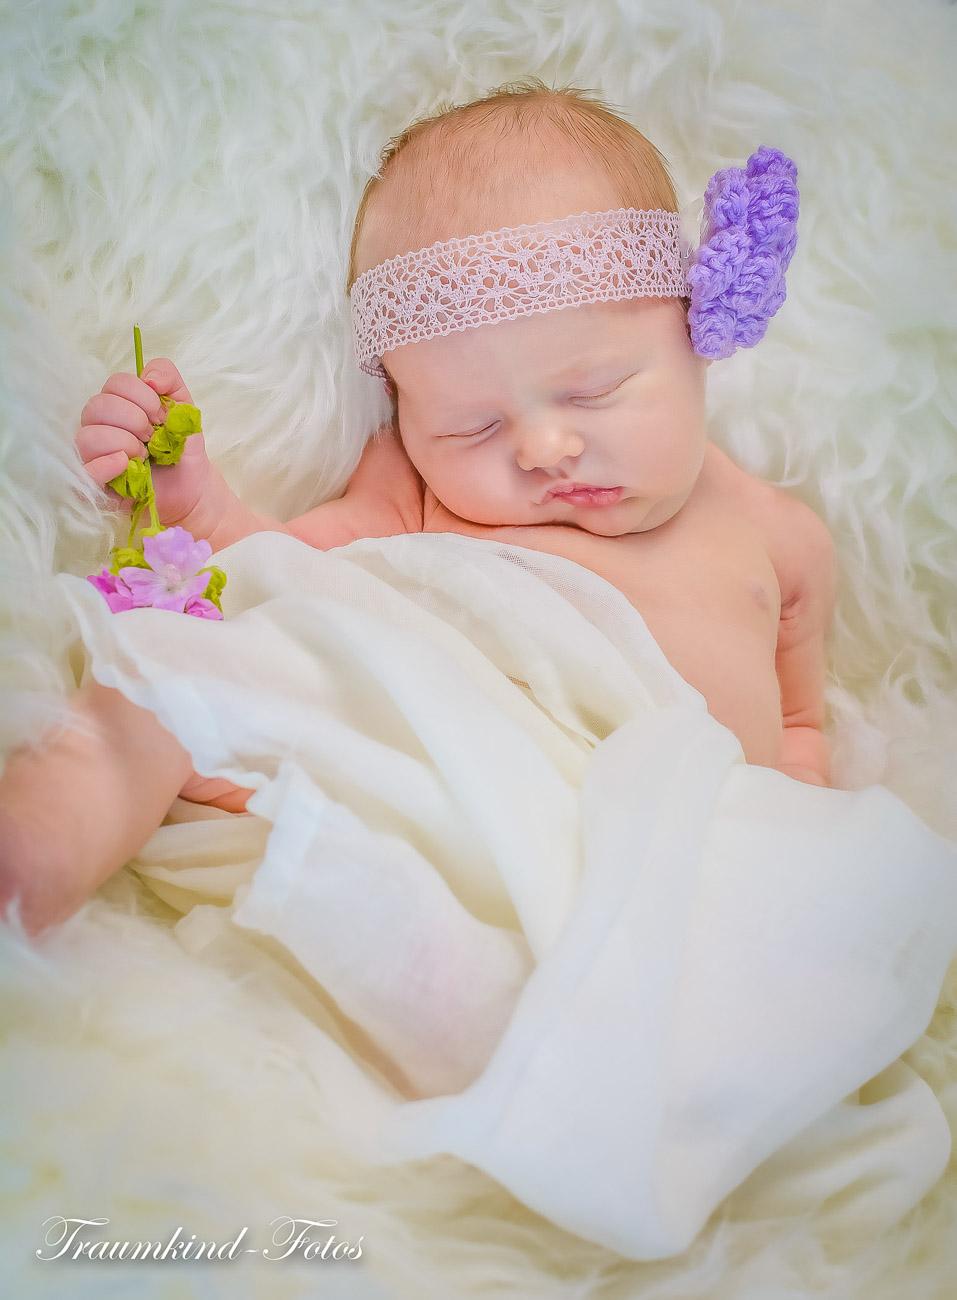 Traumkind Fotos Newborn Fotos Essen 8 1 - Babyfotos